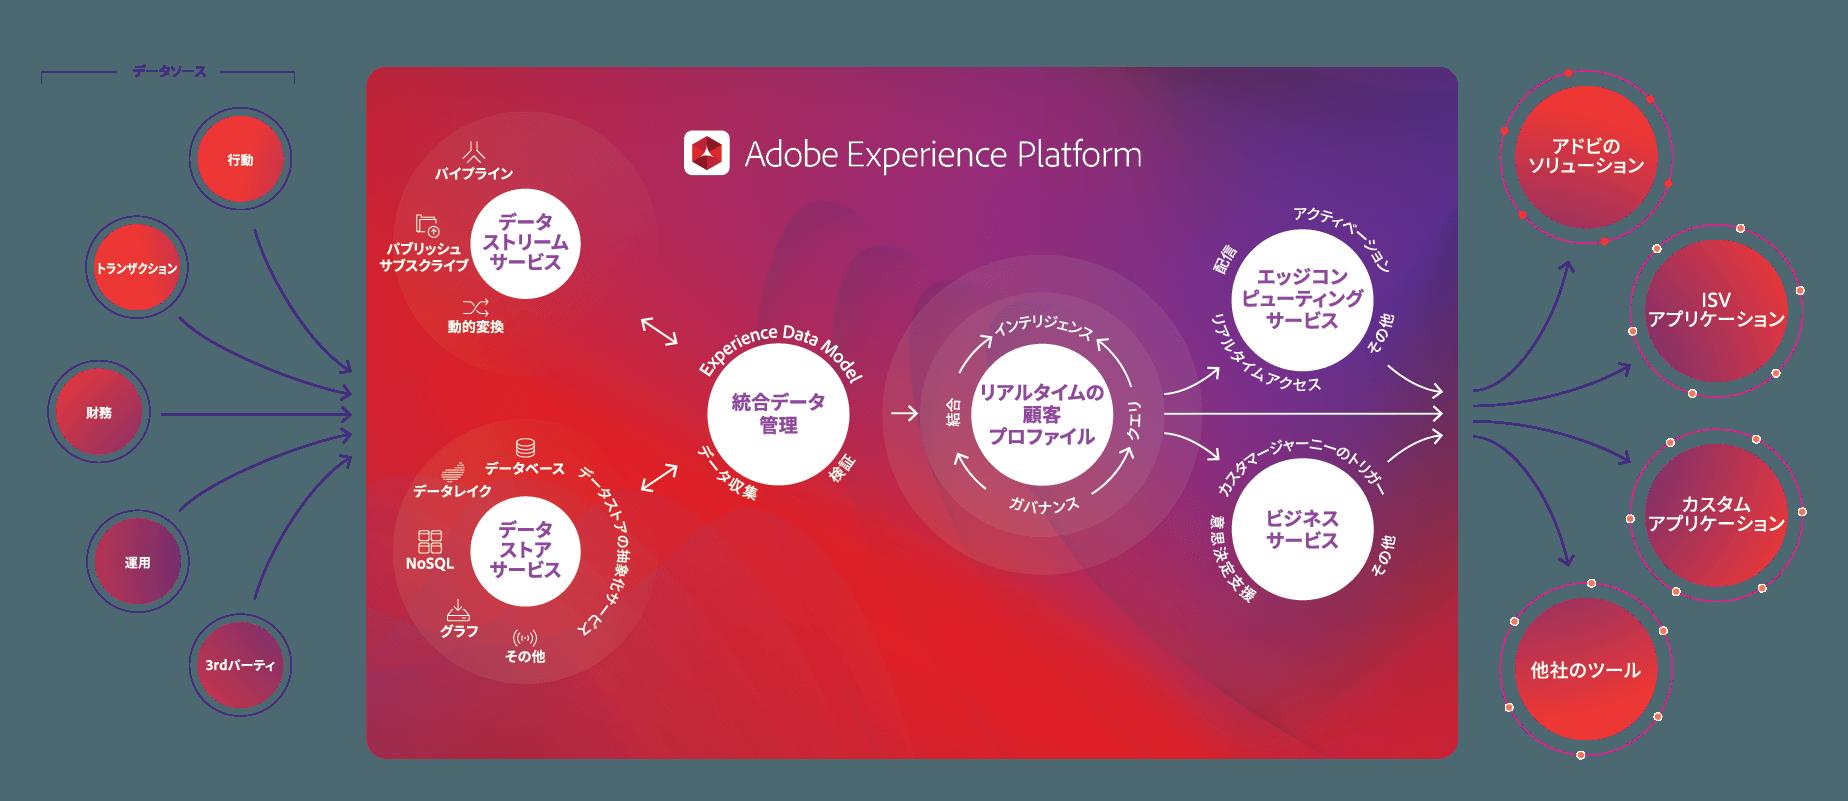 アドビ、ServiceNowとのデータ連携を開始